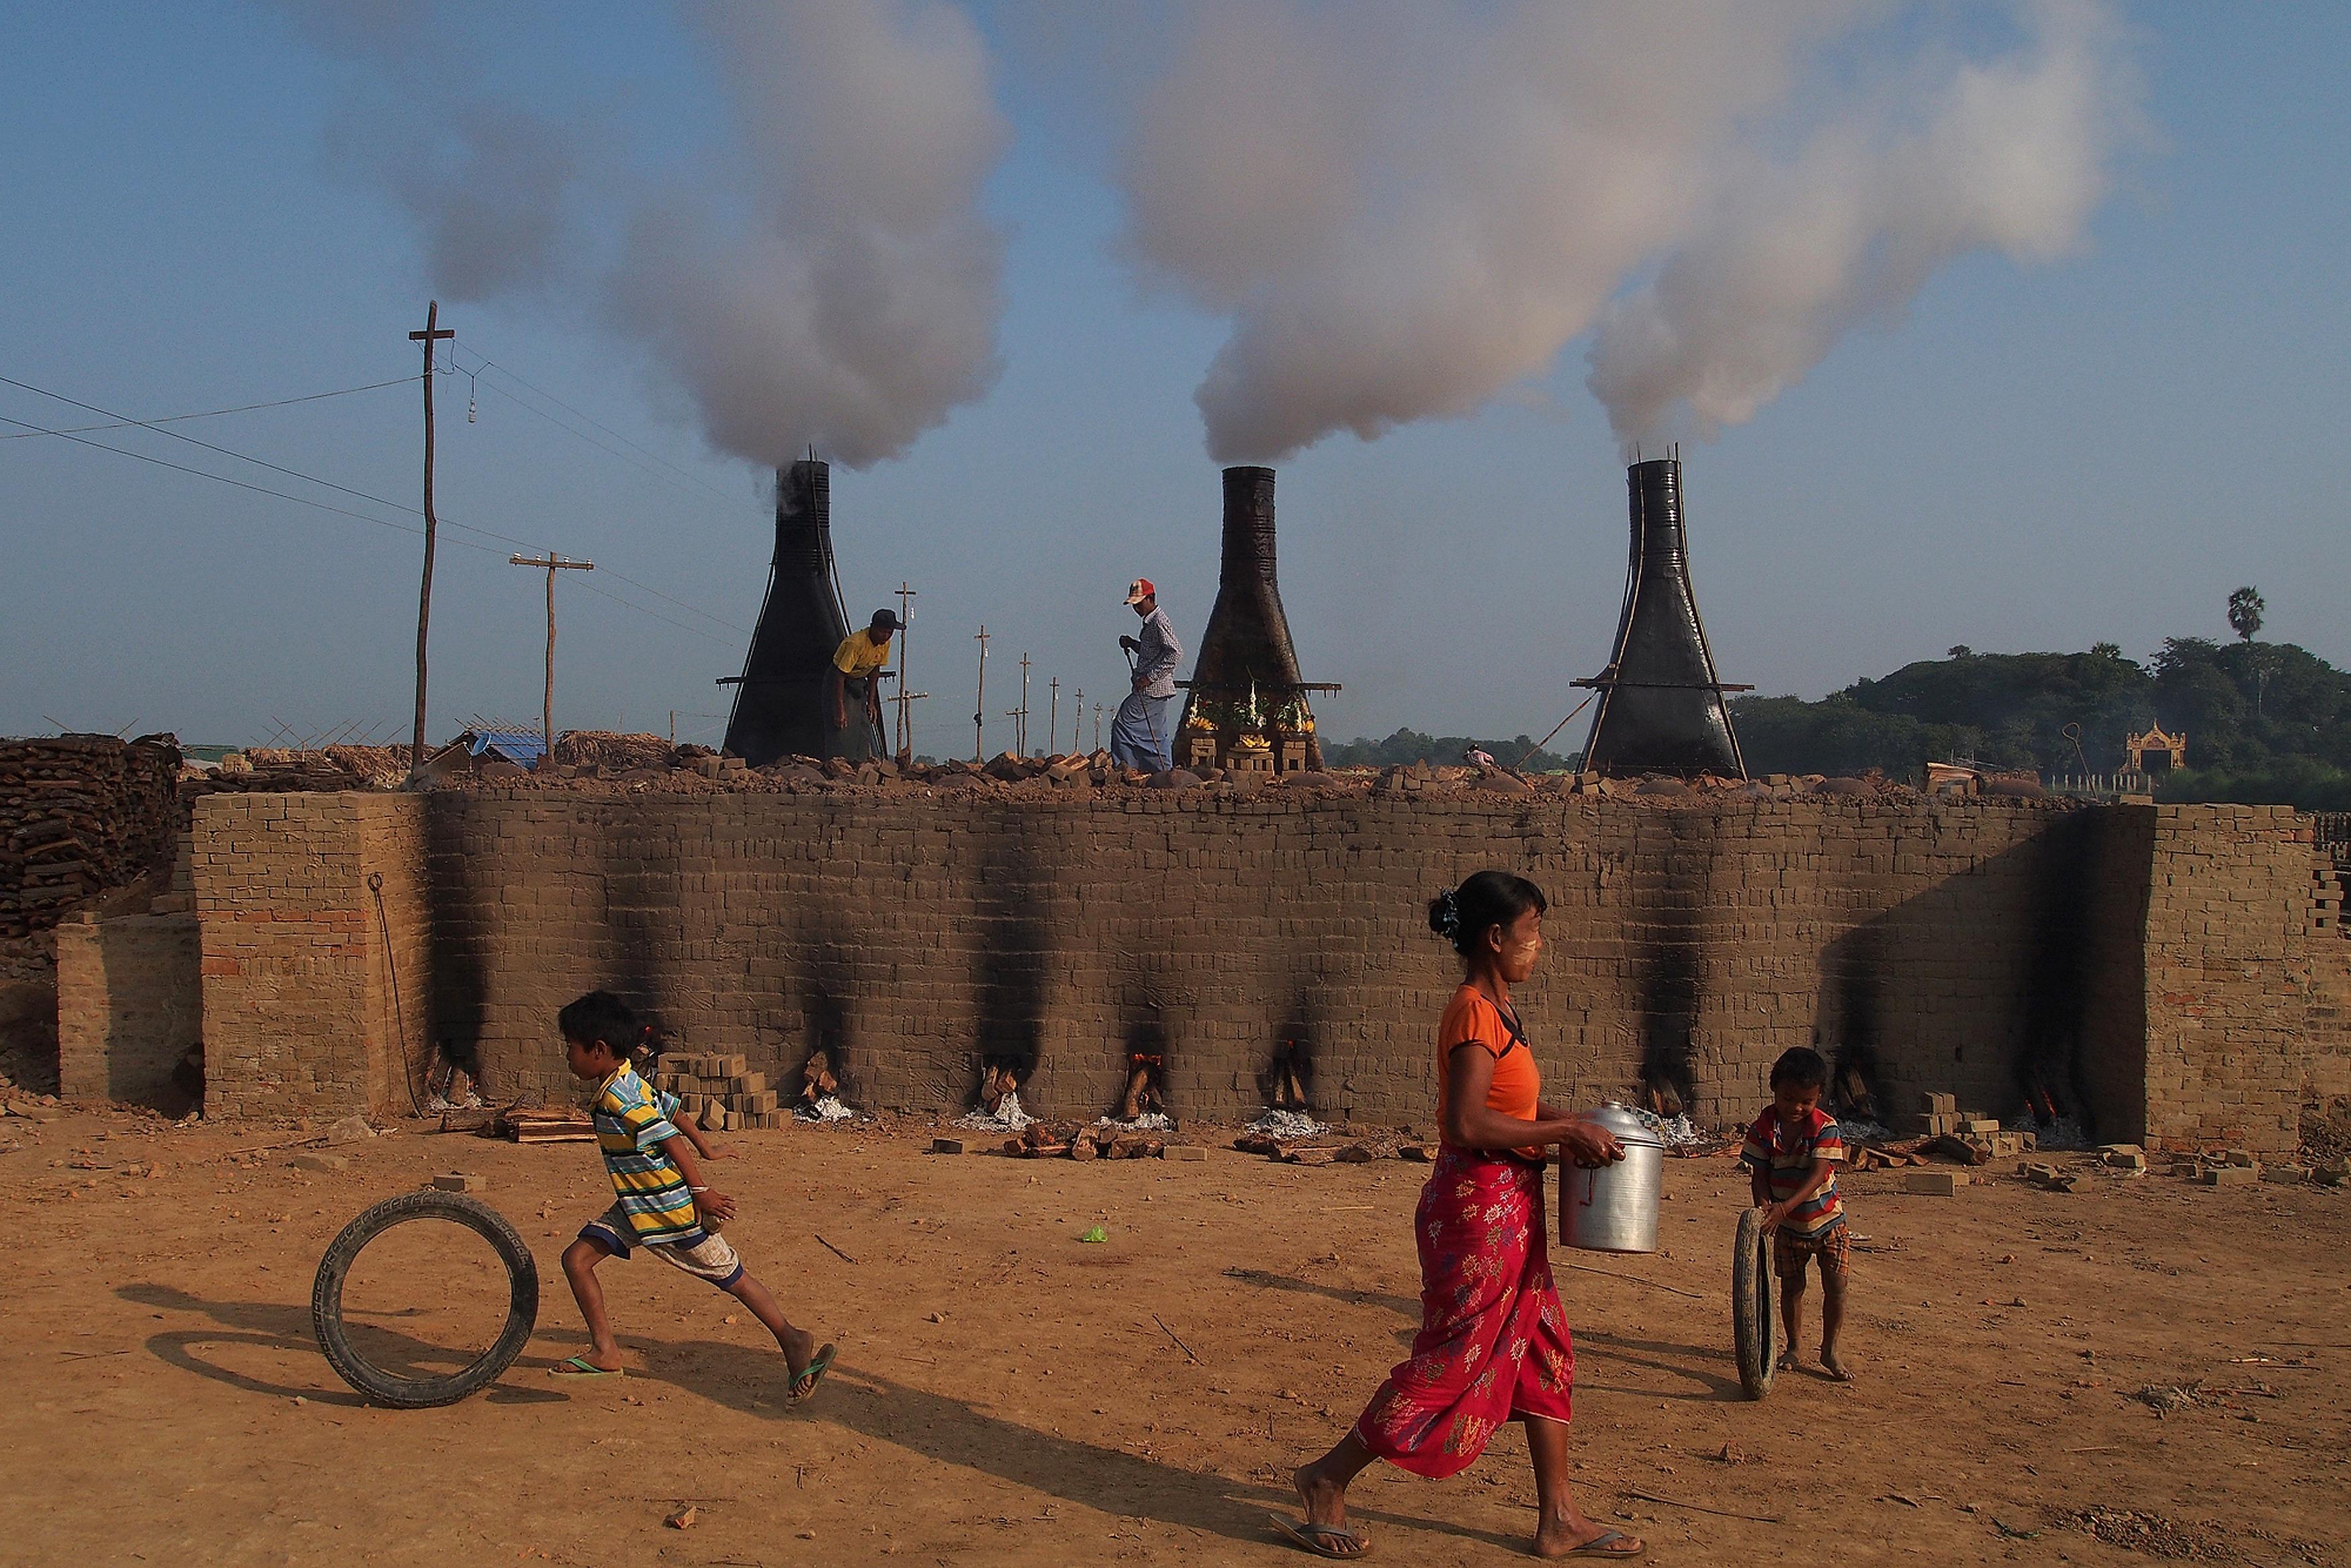 Crianças acompanhadas da mãe brincam em frente uma carvoaria em Miamar